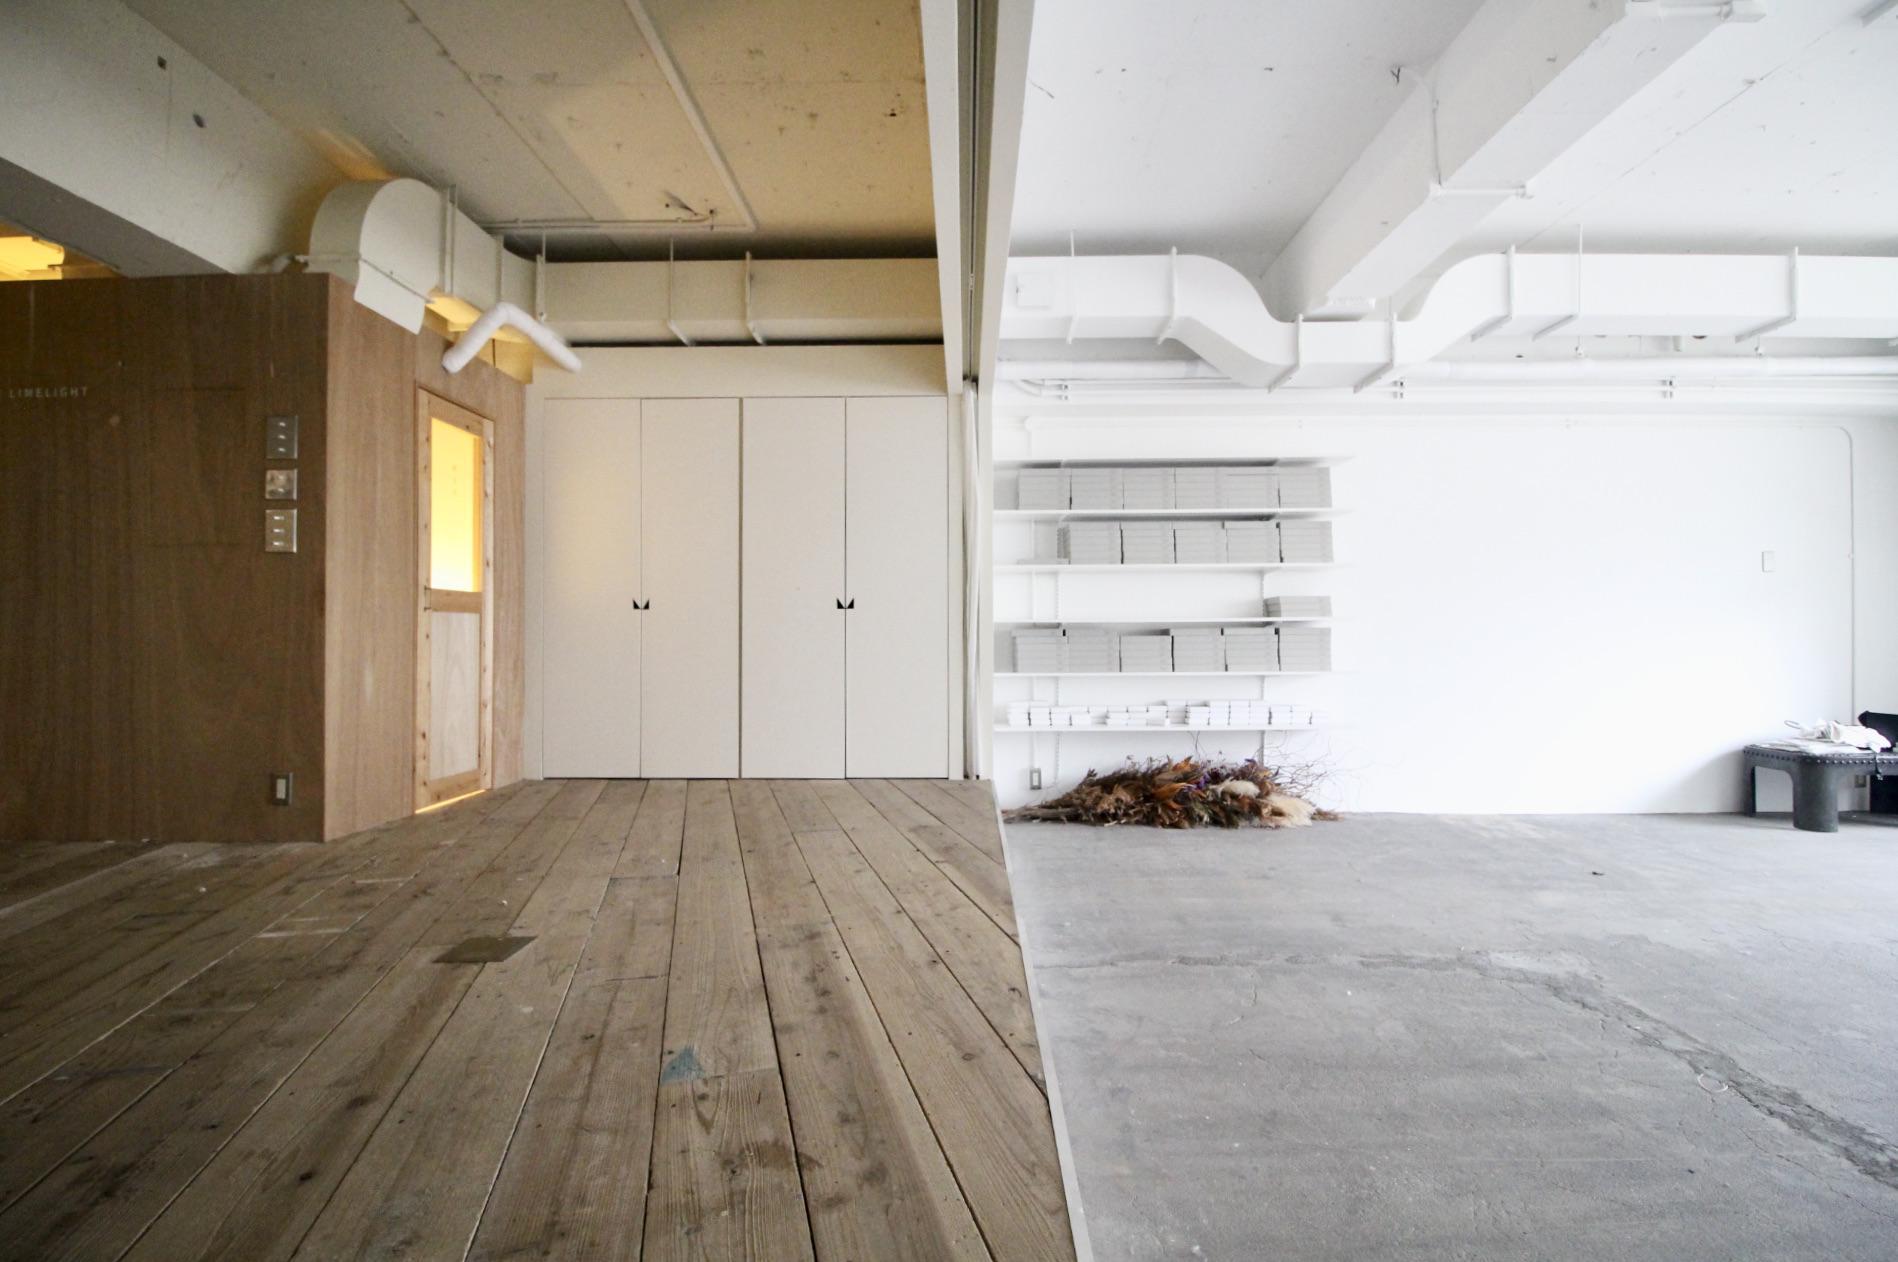 足場板と土間の空間で空気感がさらっと変わる